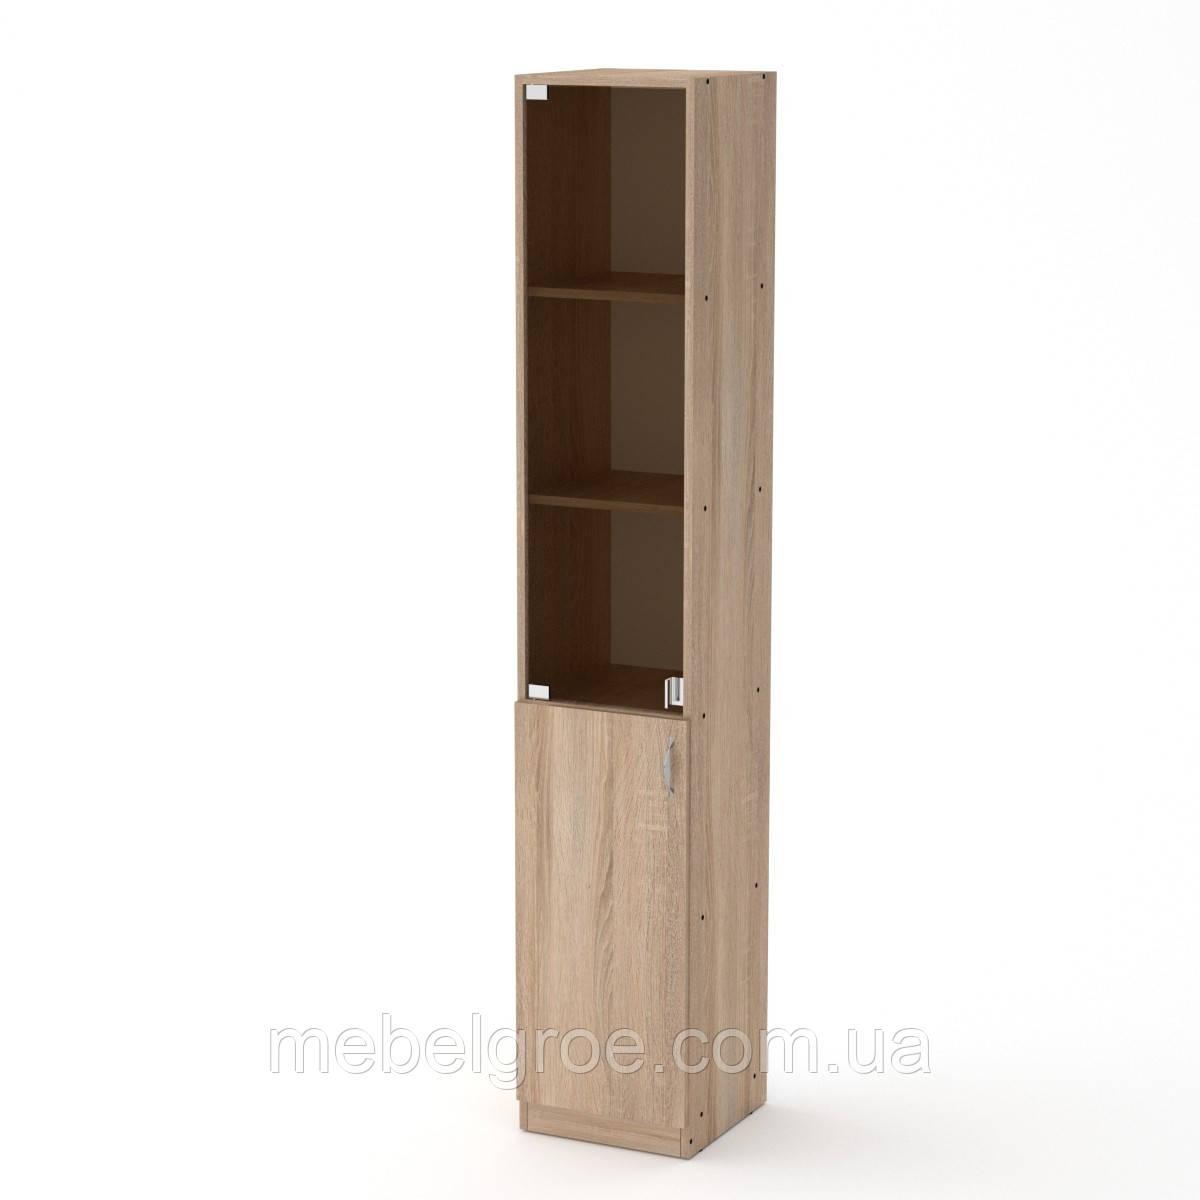 Шкаф книжный КШ 9 тм Компанит